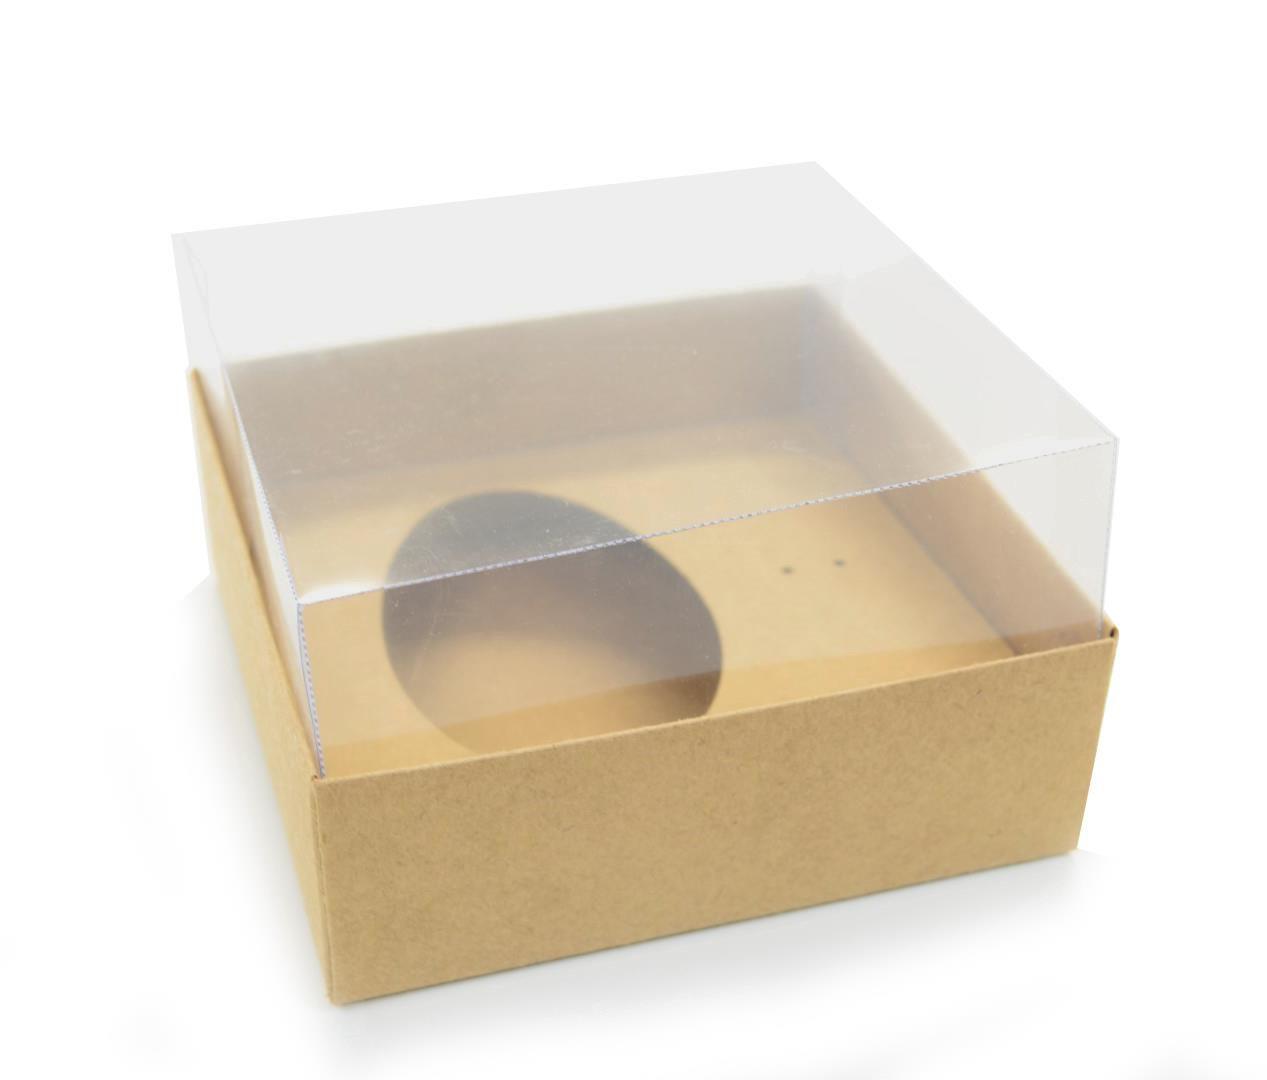 Ref 003 Kraft - Caixa Ovo 100 e 150gr. c/ tampa Transparente ALTA - 14x14x6 cm - c/ 10 unidades